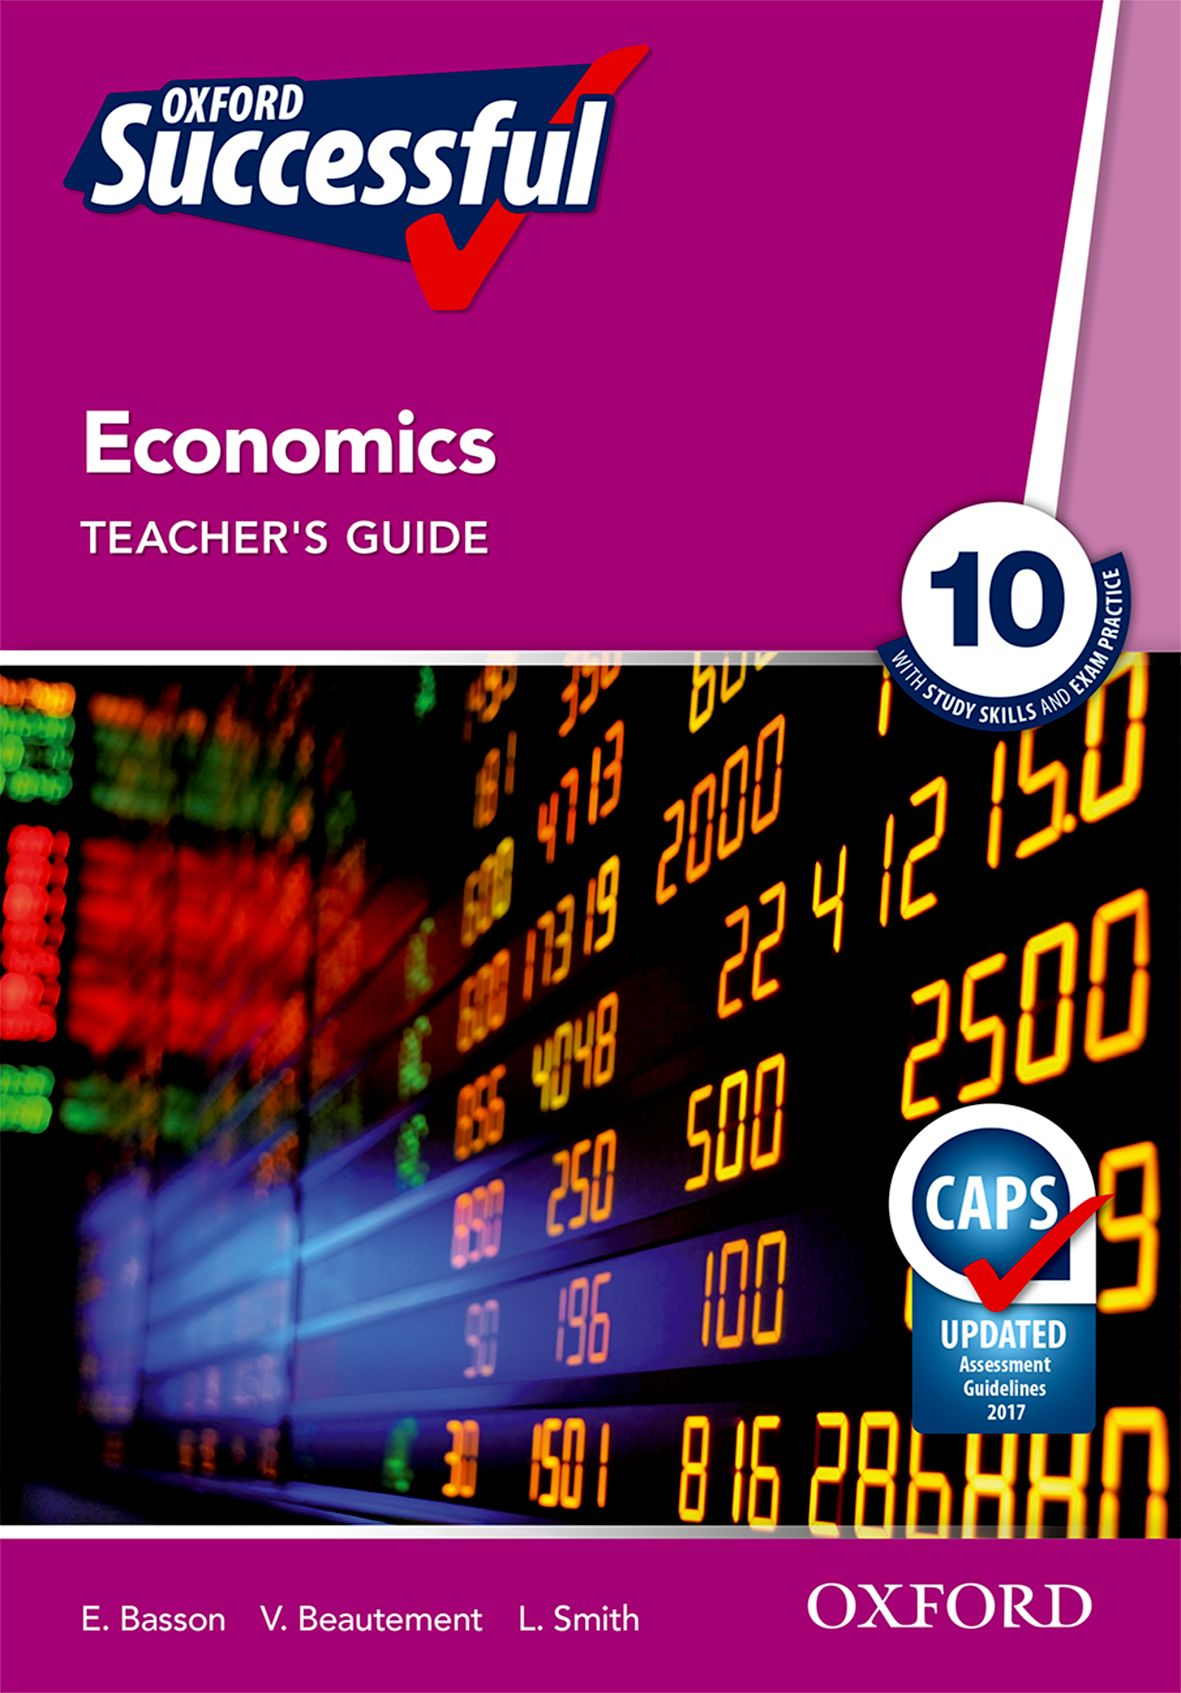 Oxford University Press Oxford Successful Economics